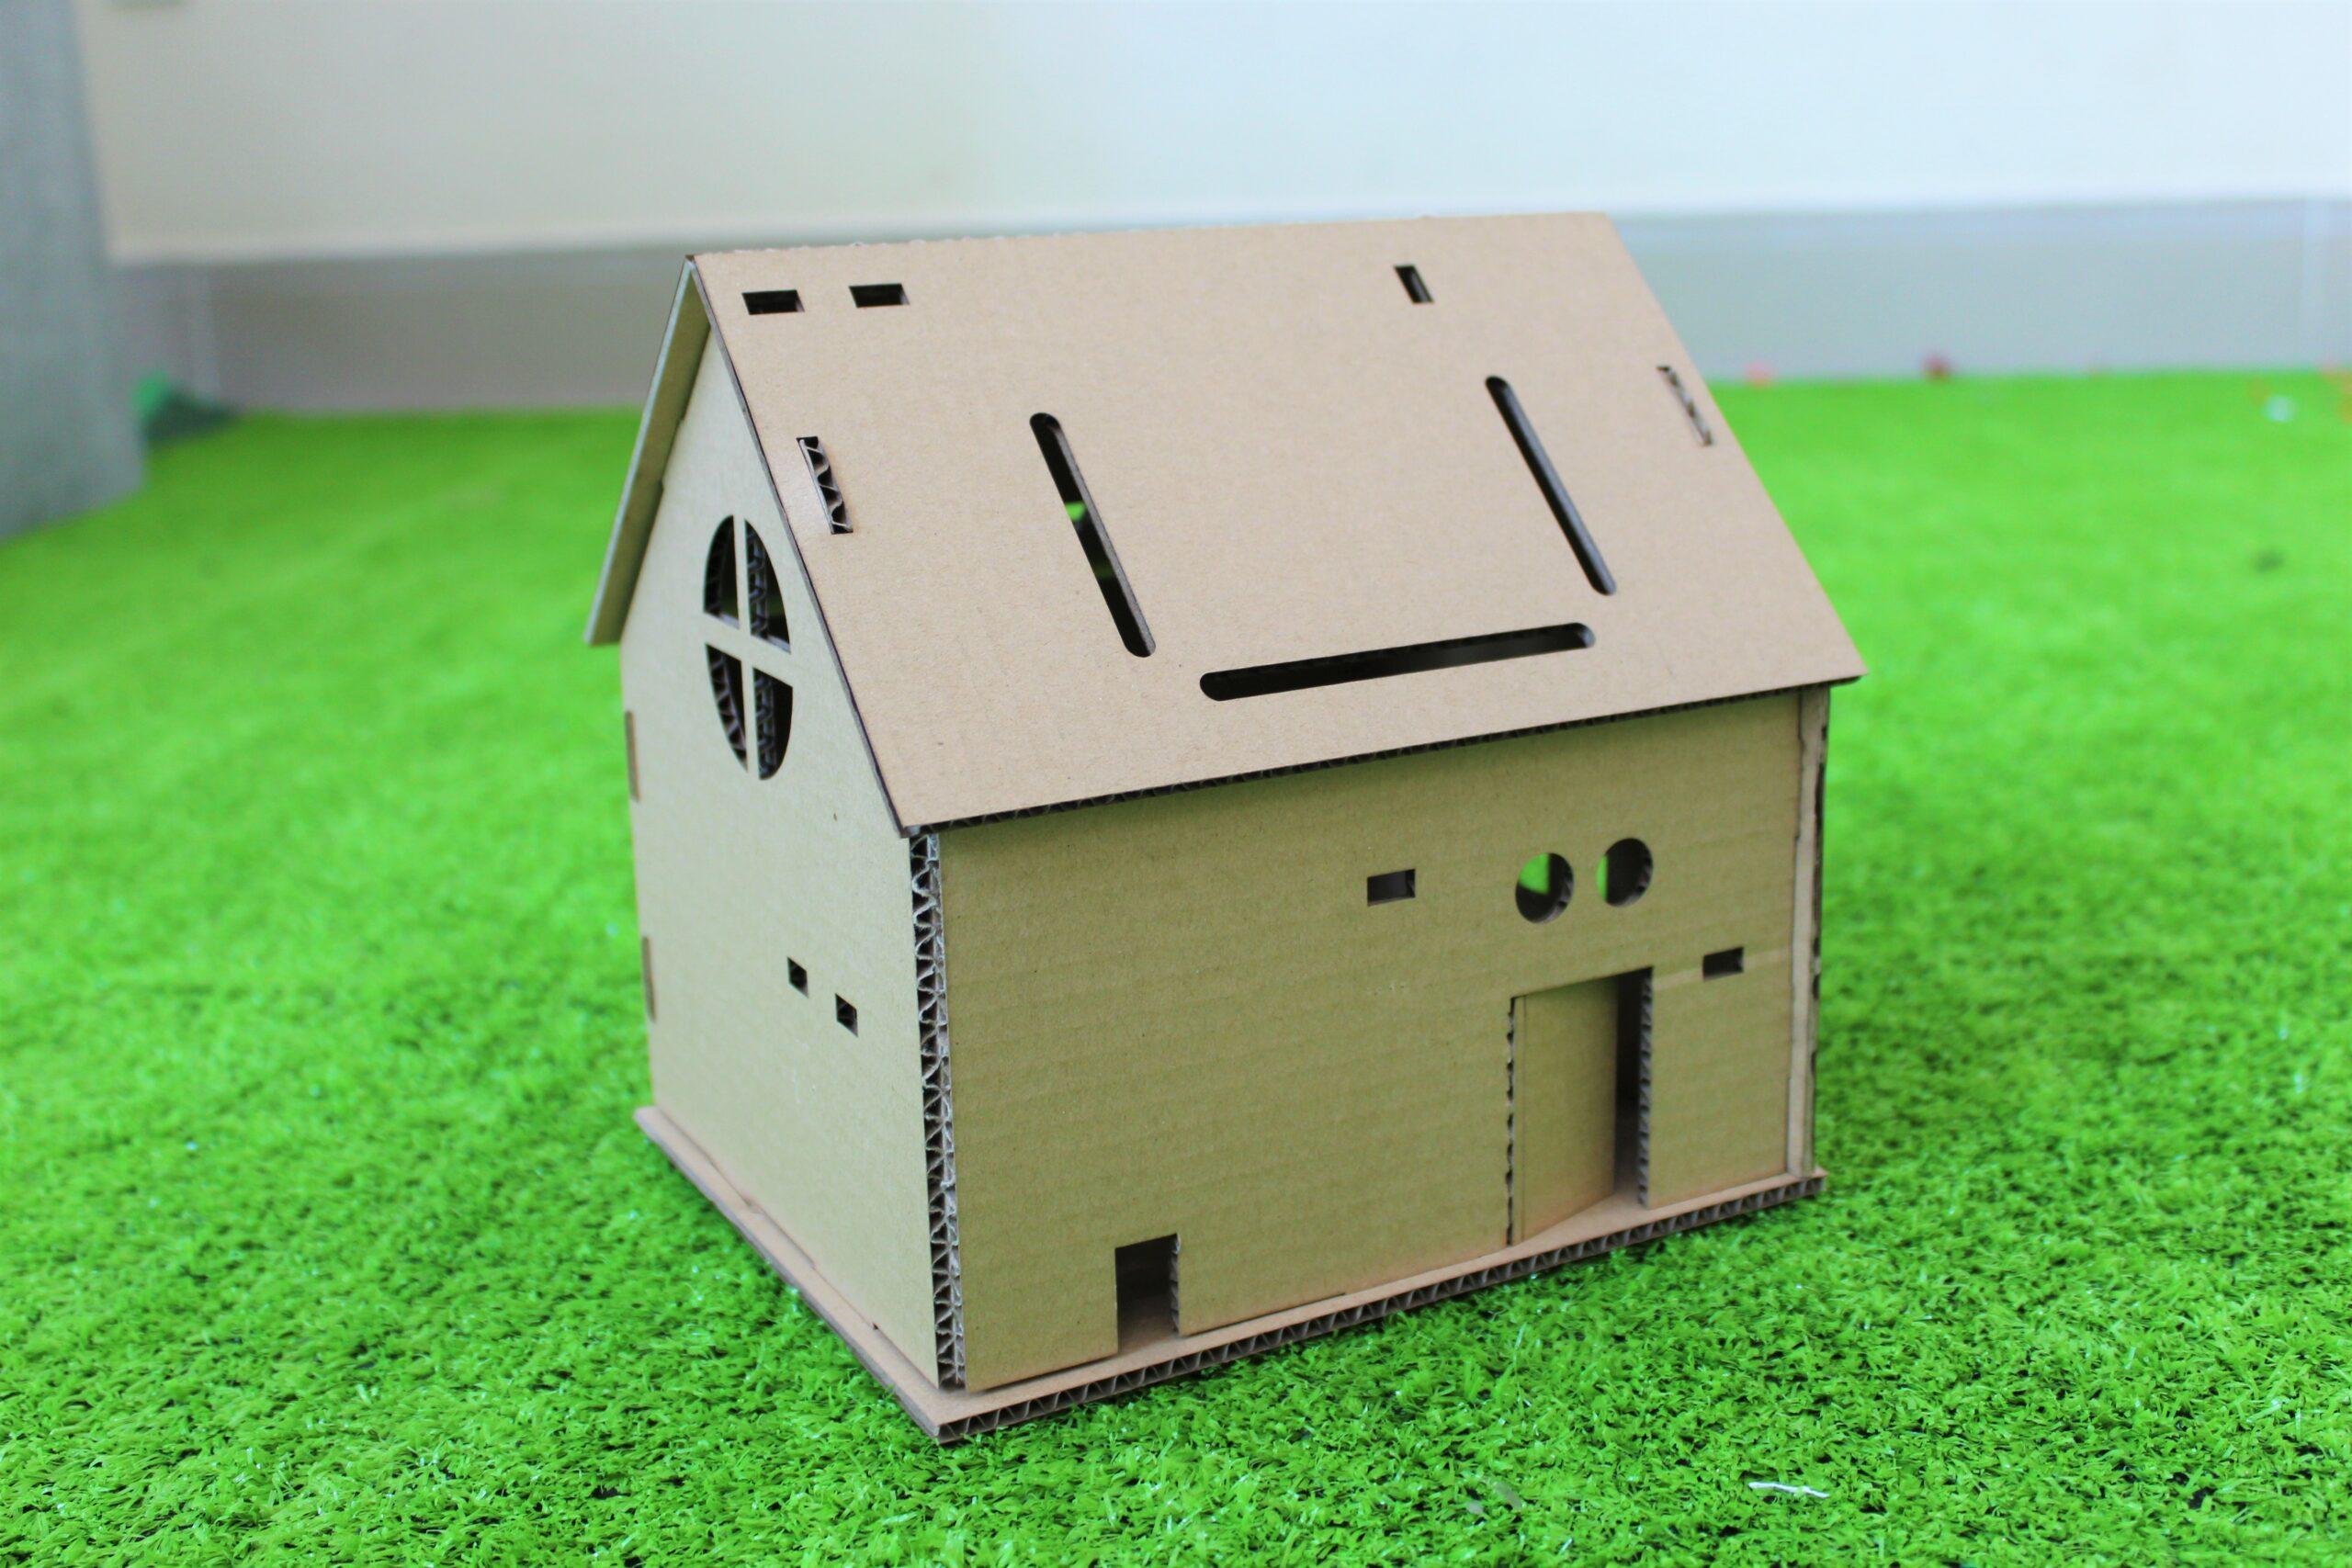 Ngôi nhà đồ chơi Home:Bit